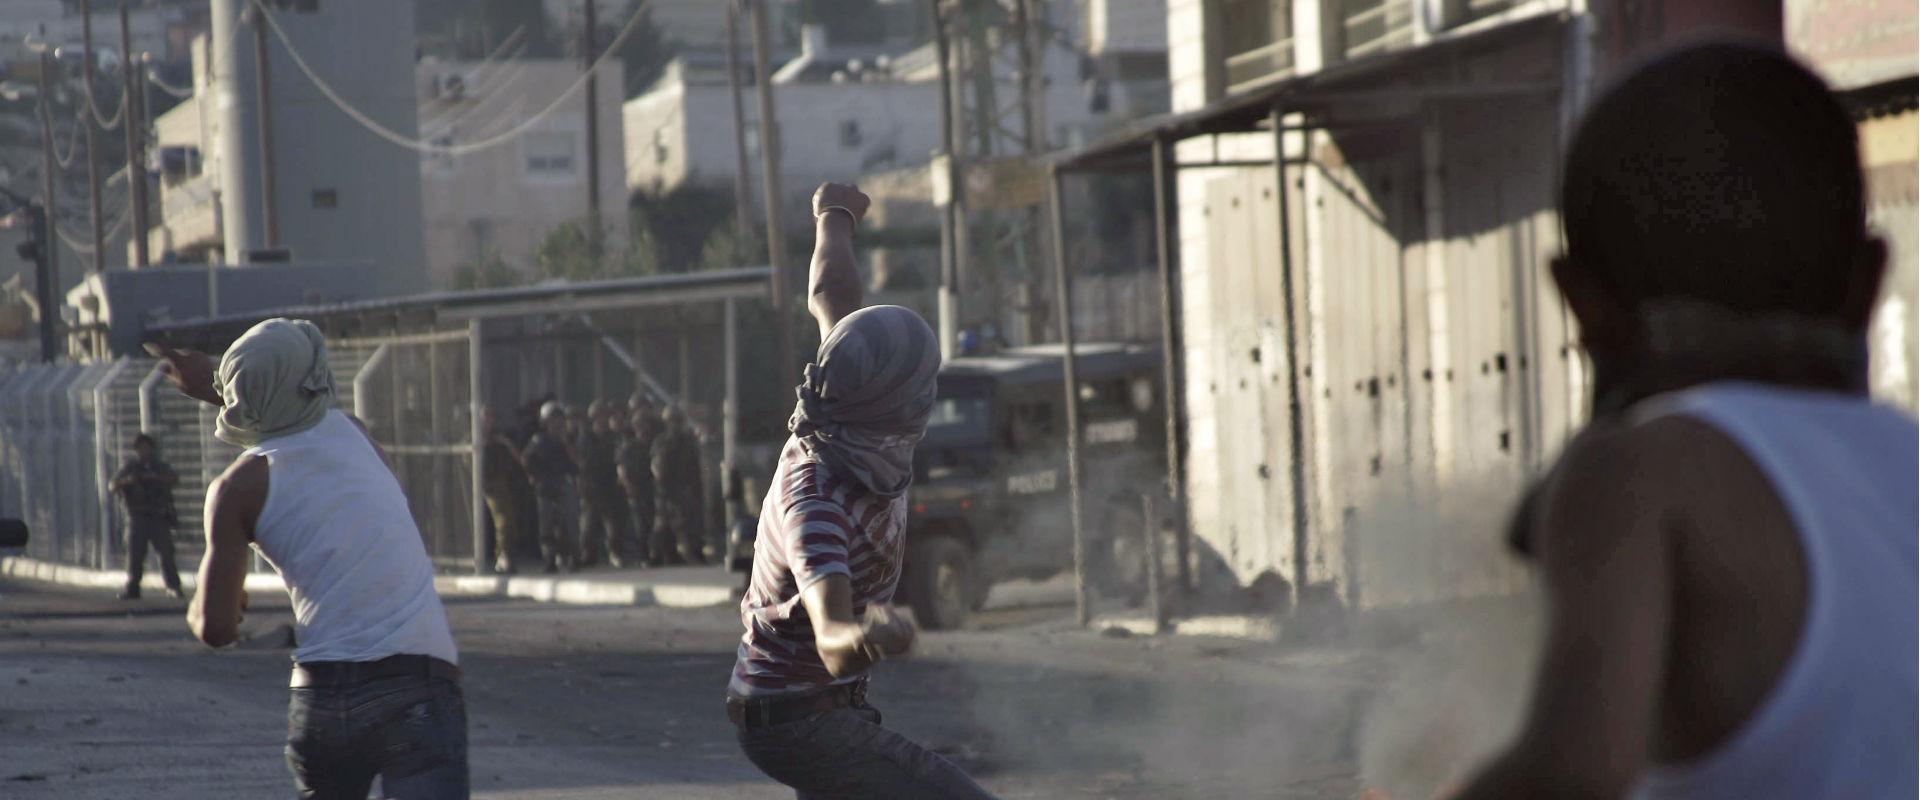 מתפרעים במחנה הפליטים שועאפט. ארכיון